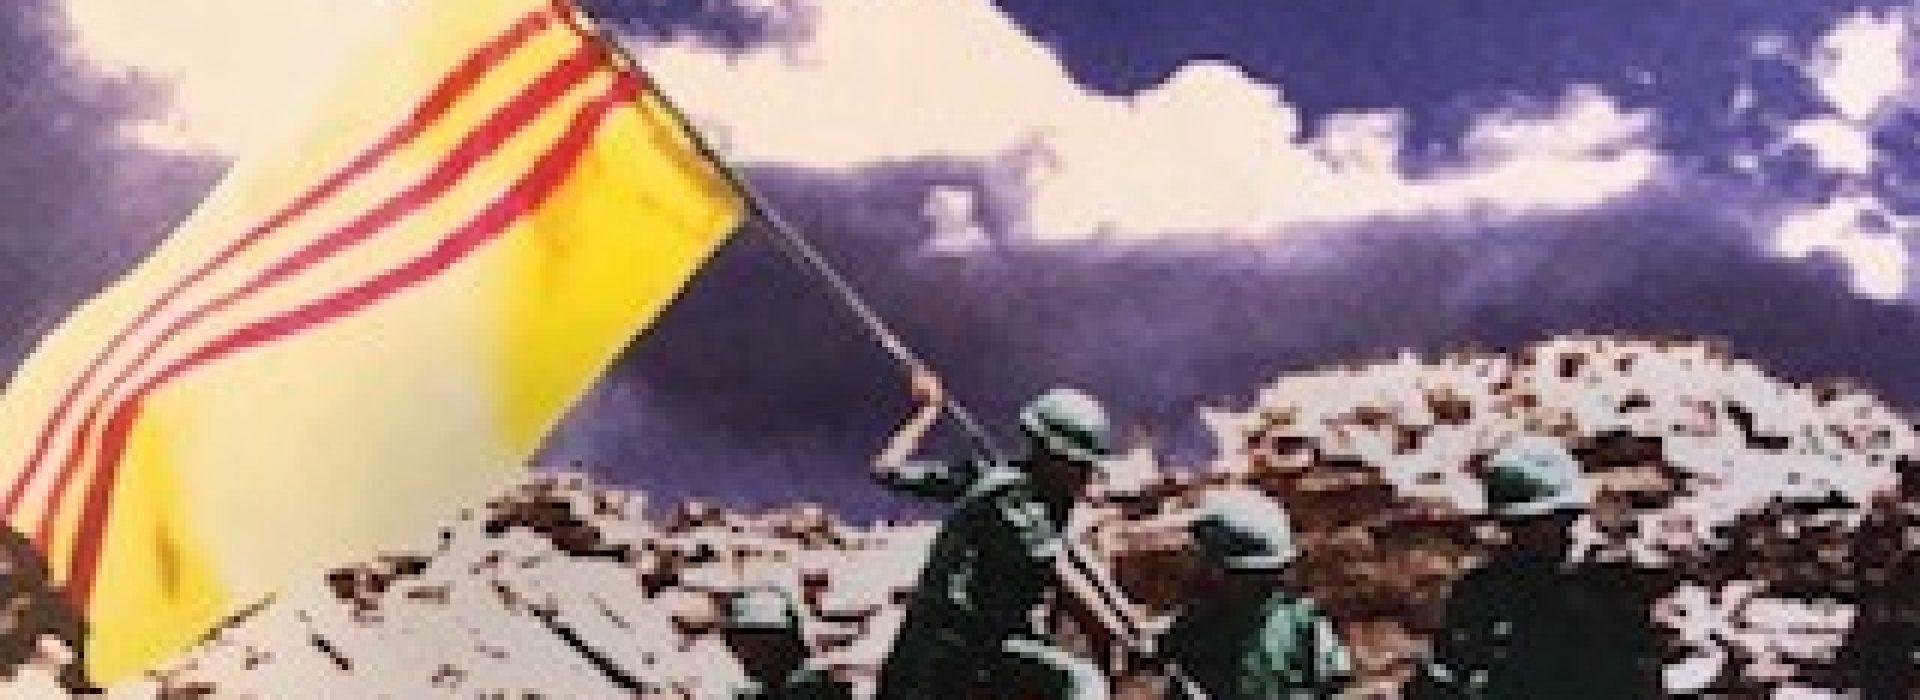 Tượng Đài Cổ Thành Quảng Trị - Mùa Hè Đỏ Lửa 1972